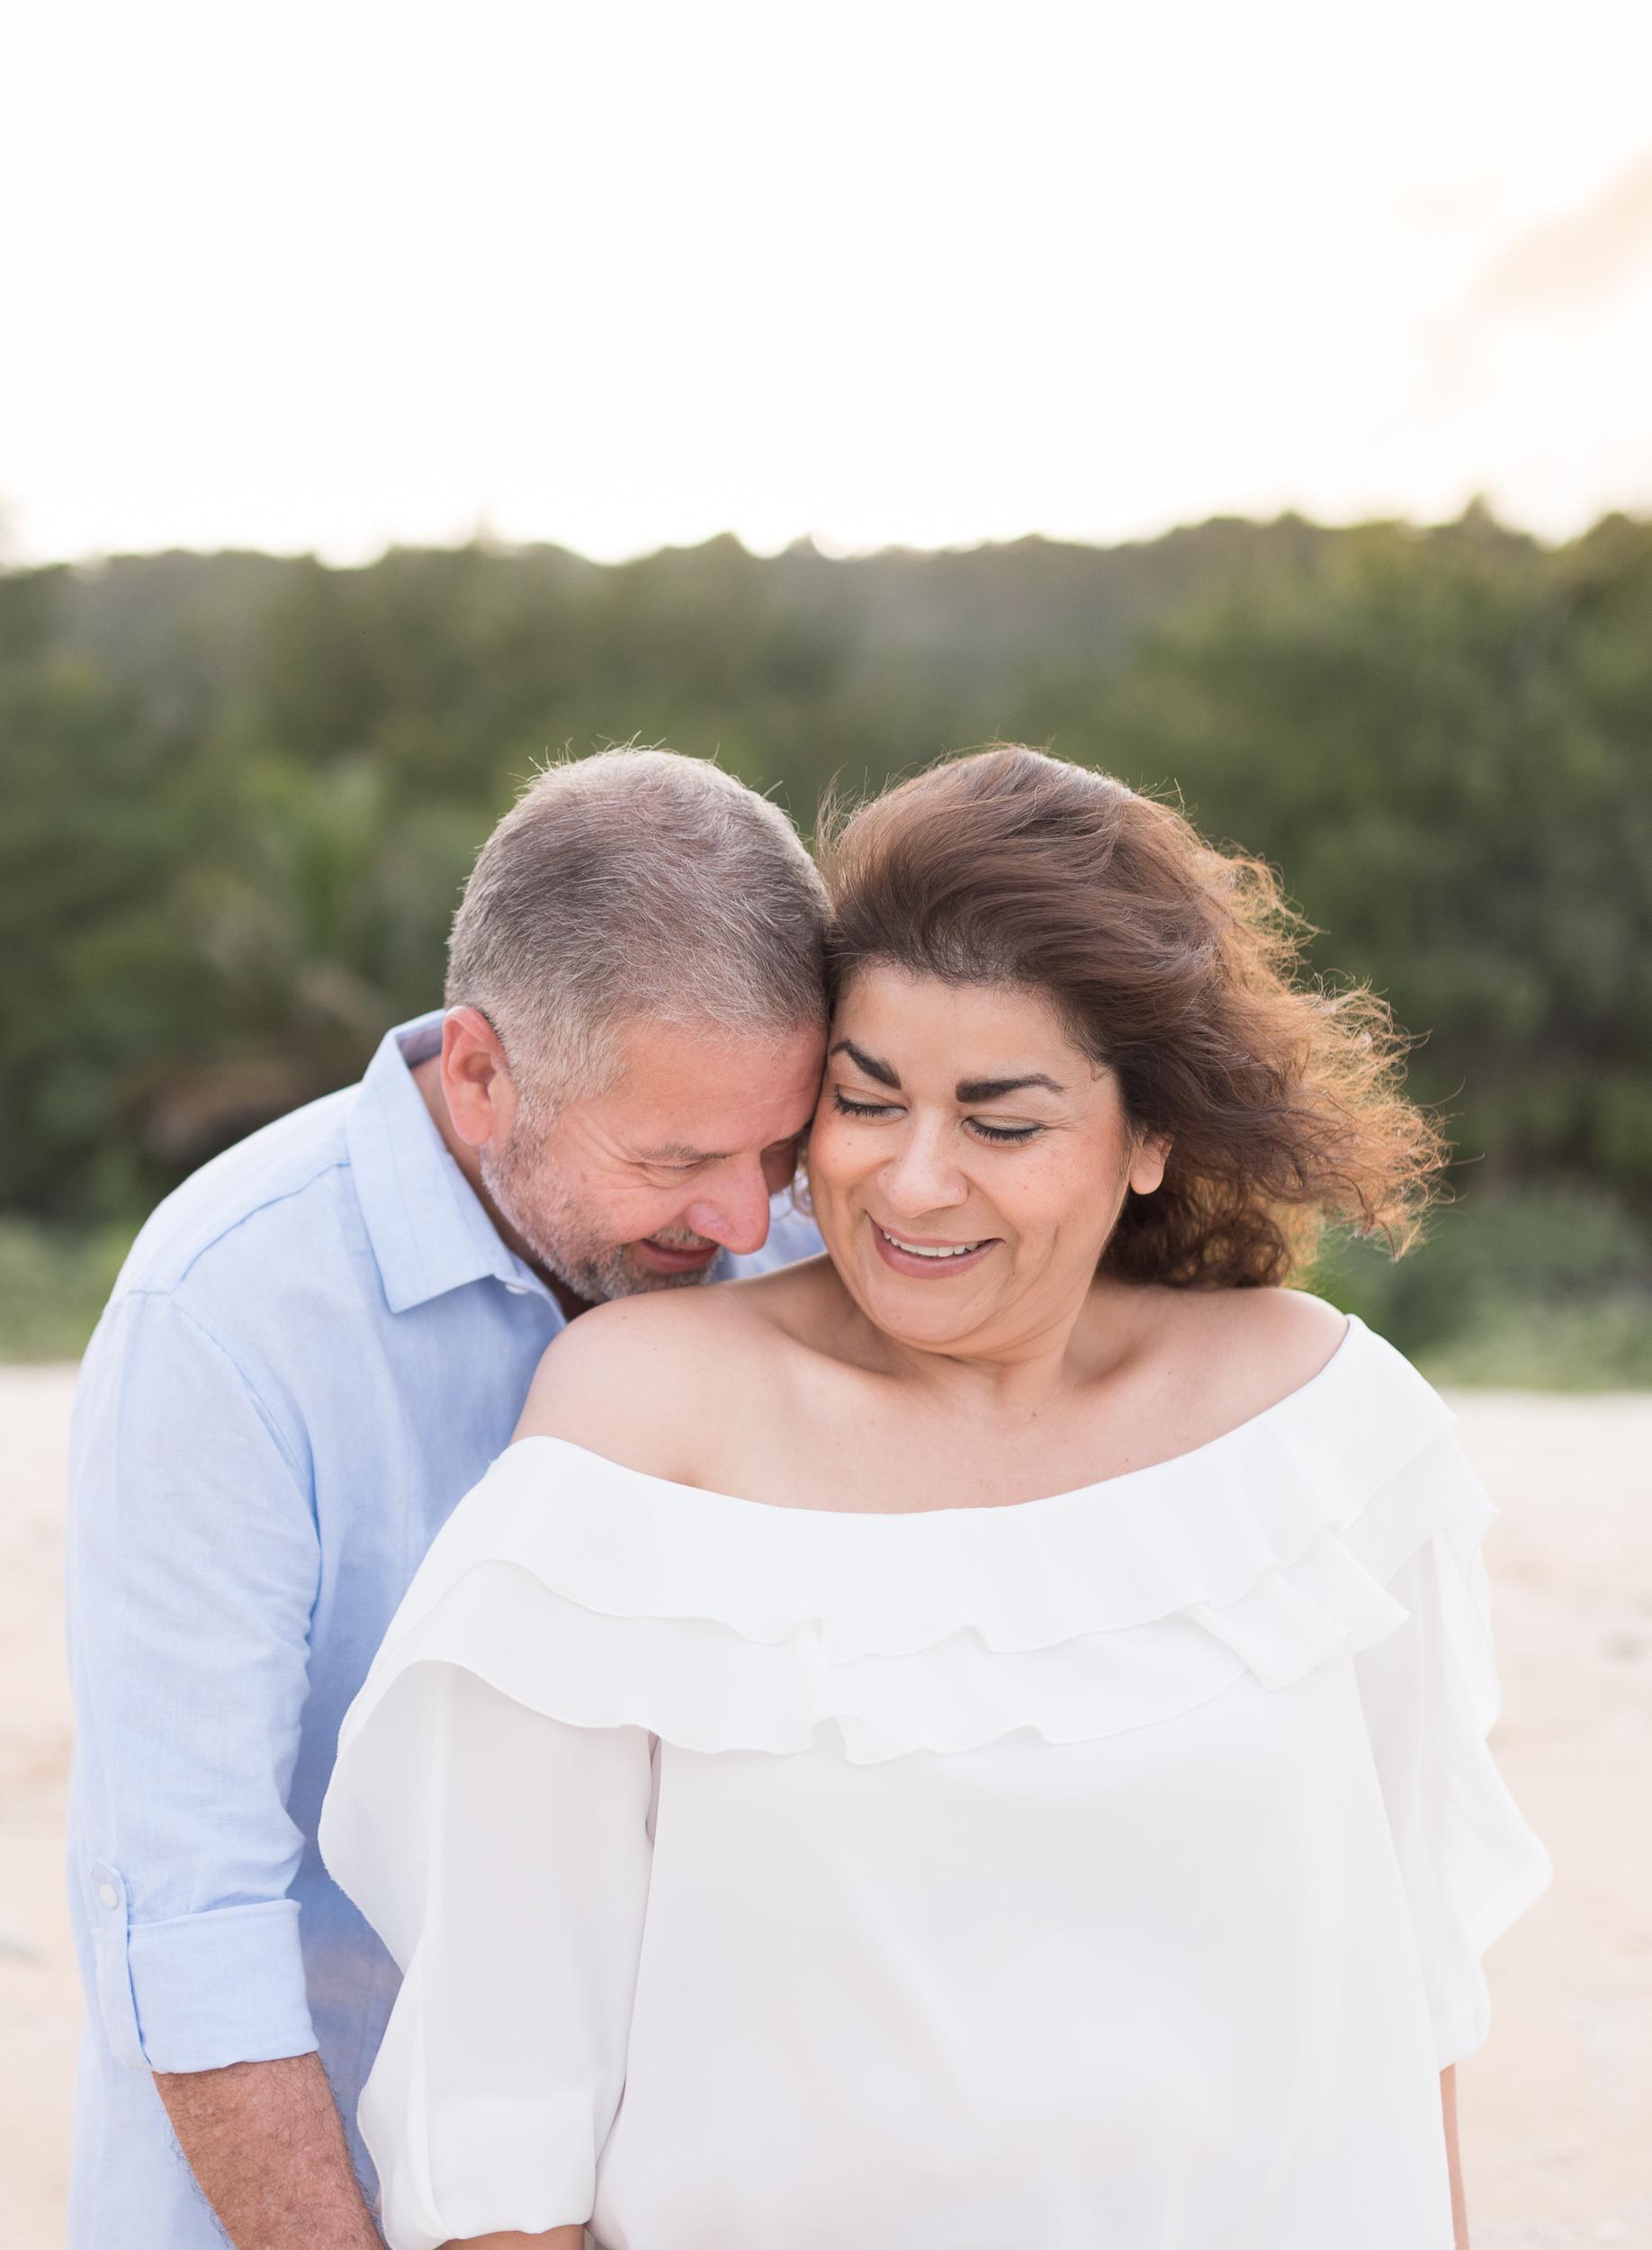 CouplesSessionTaragueGuamPhotographer-ROXANNEAUGUSTA-9.jpg